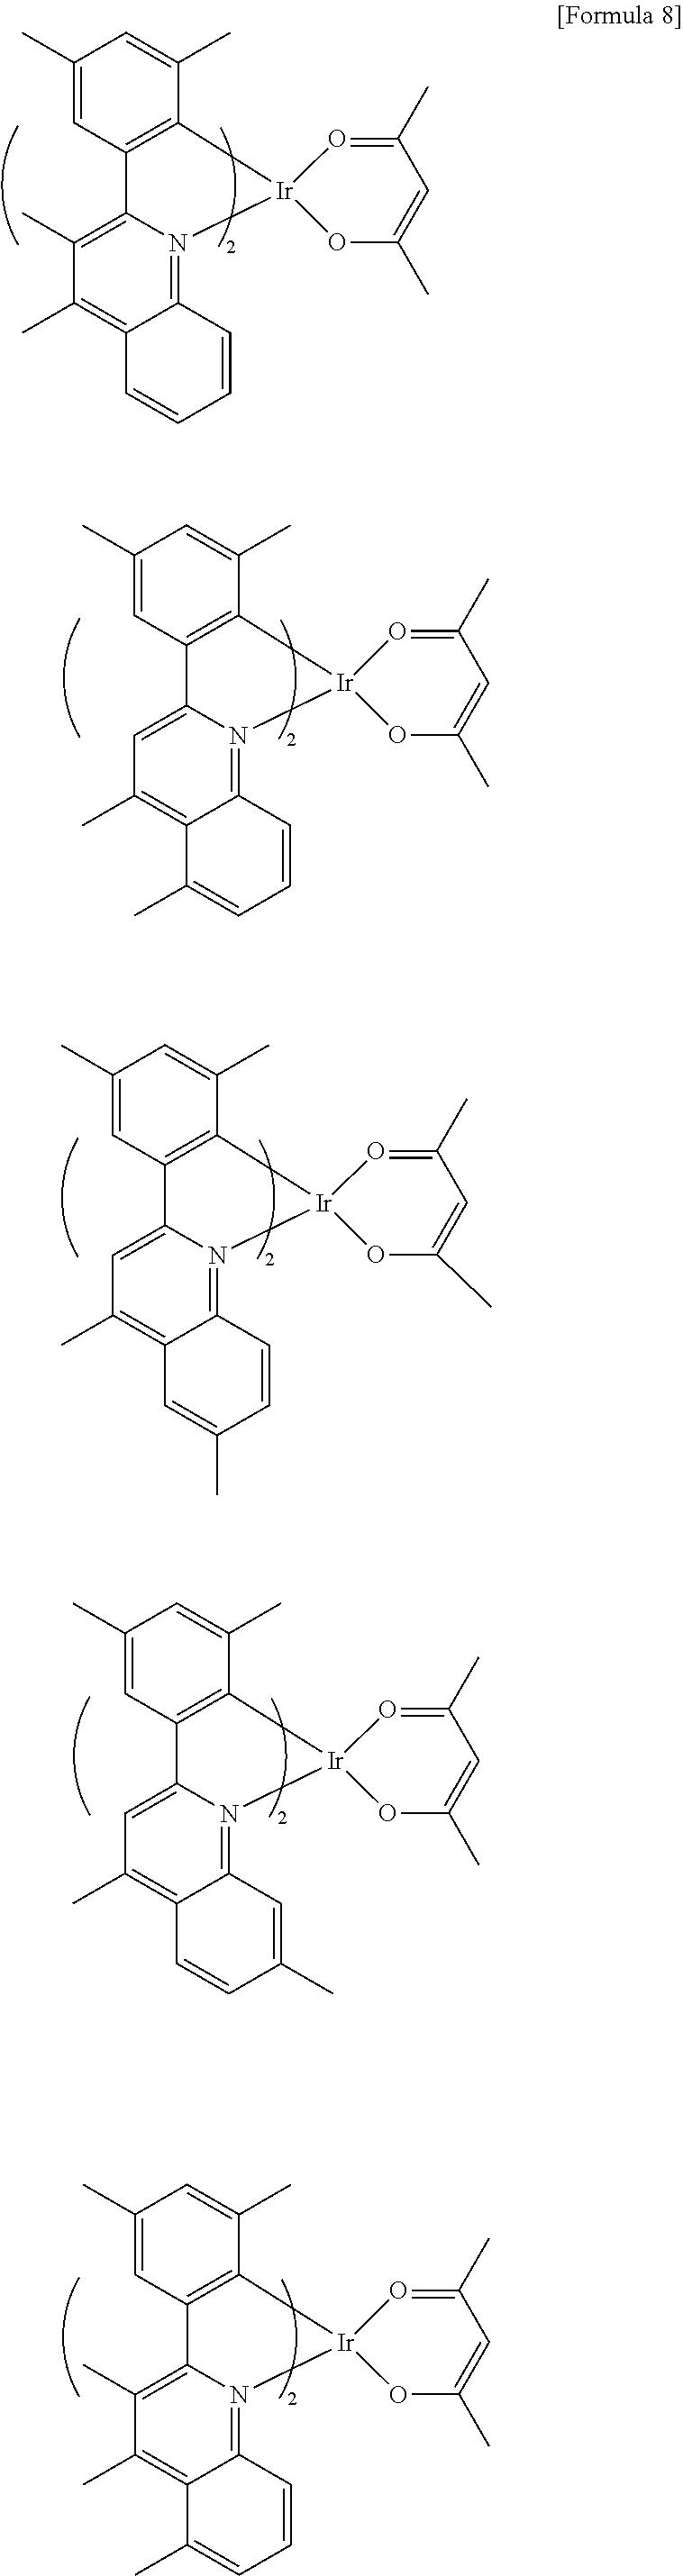 Figure US09324958-20160426-C00040